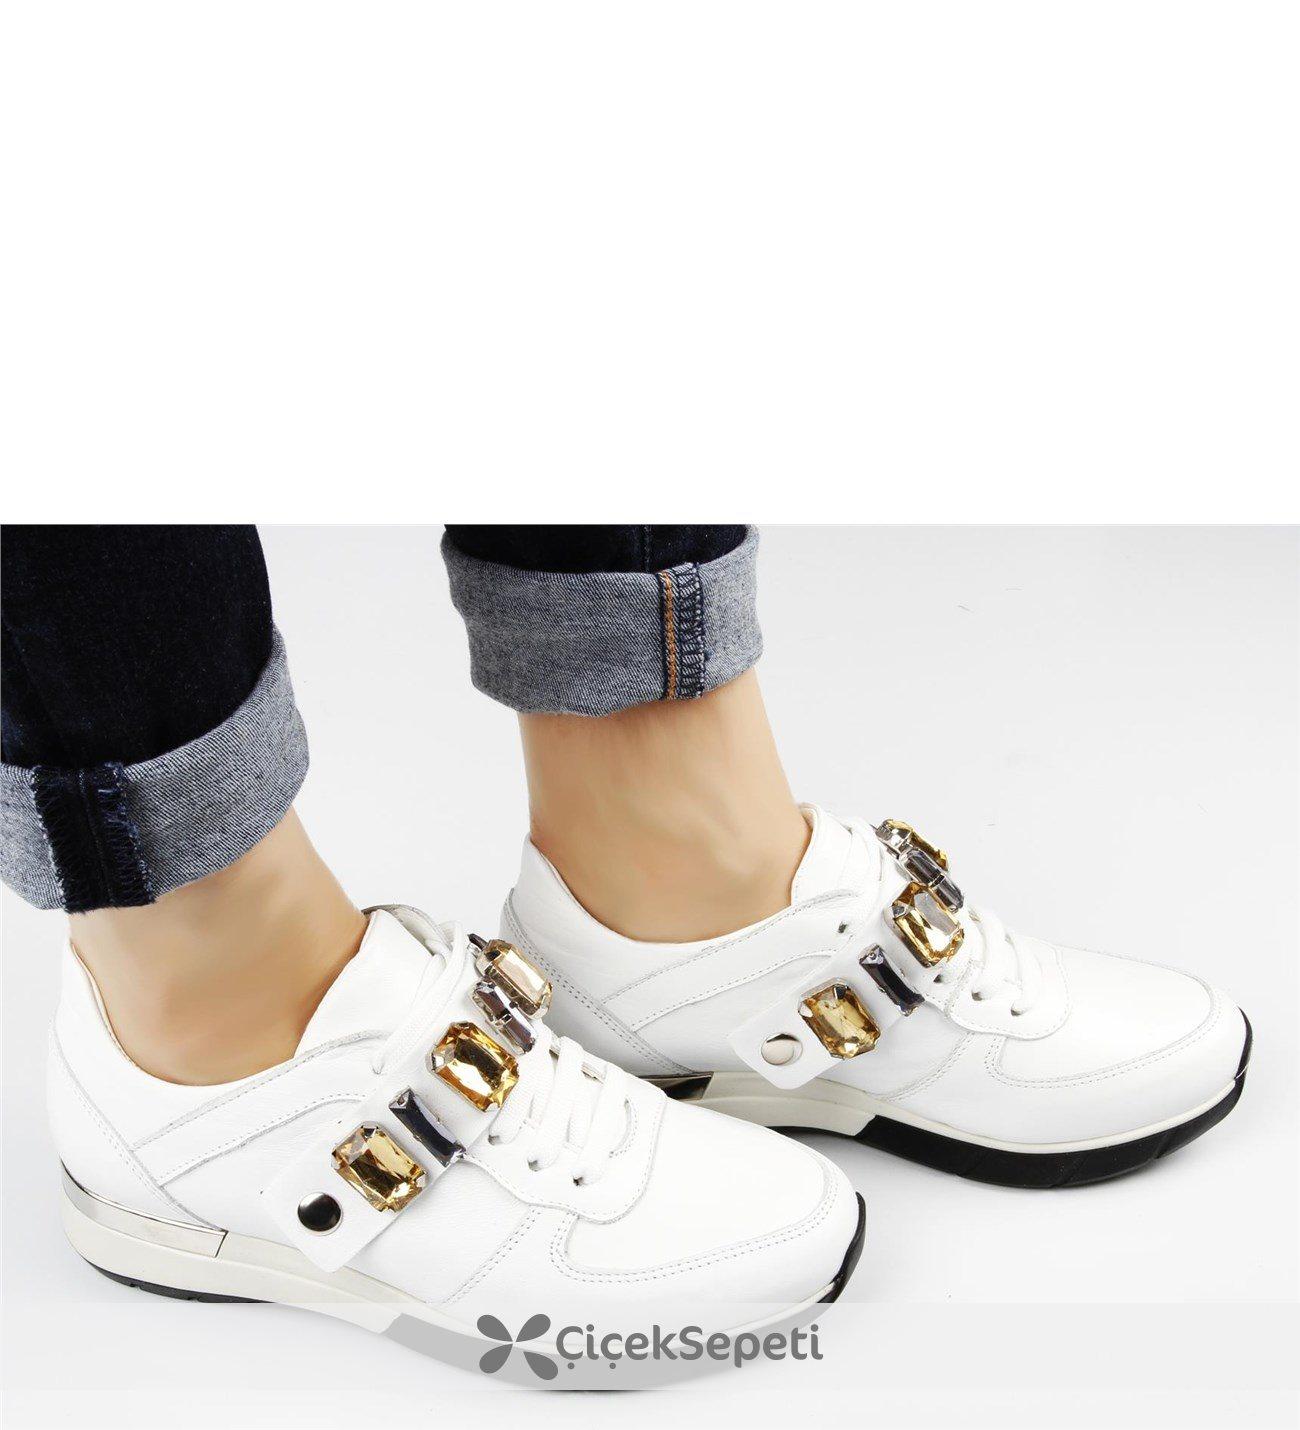 Kemeri Taşlı Bayan Spor Ayakkabısı 229